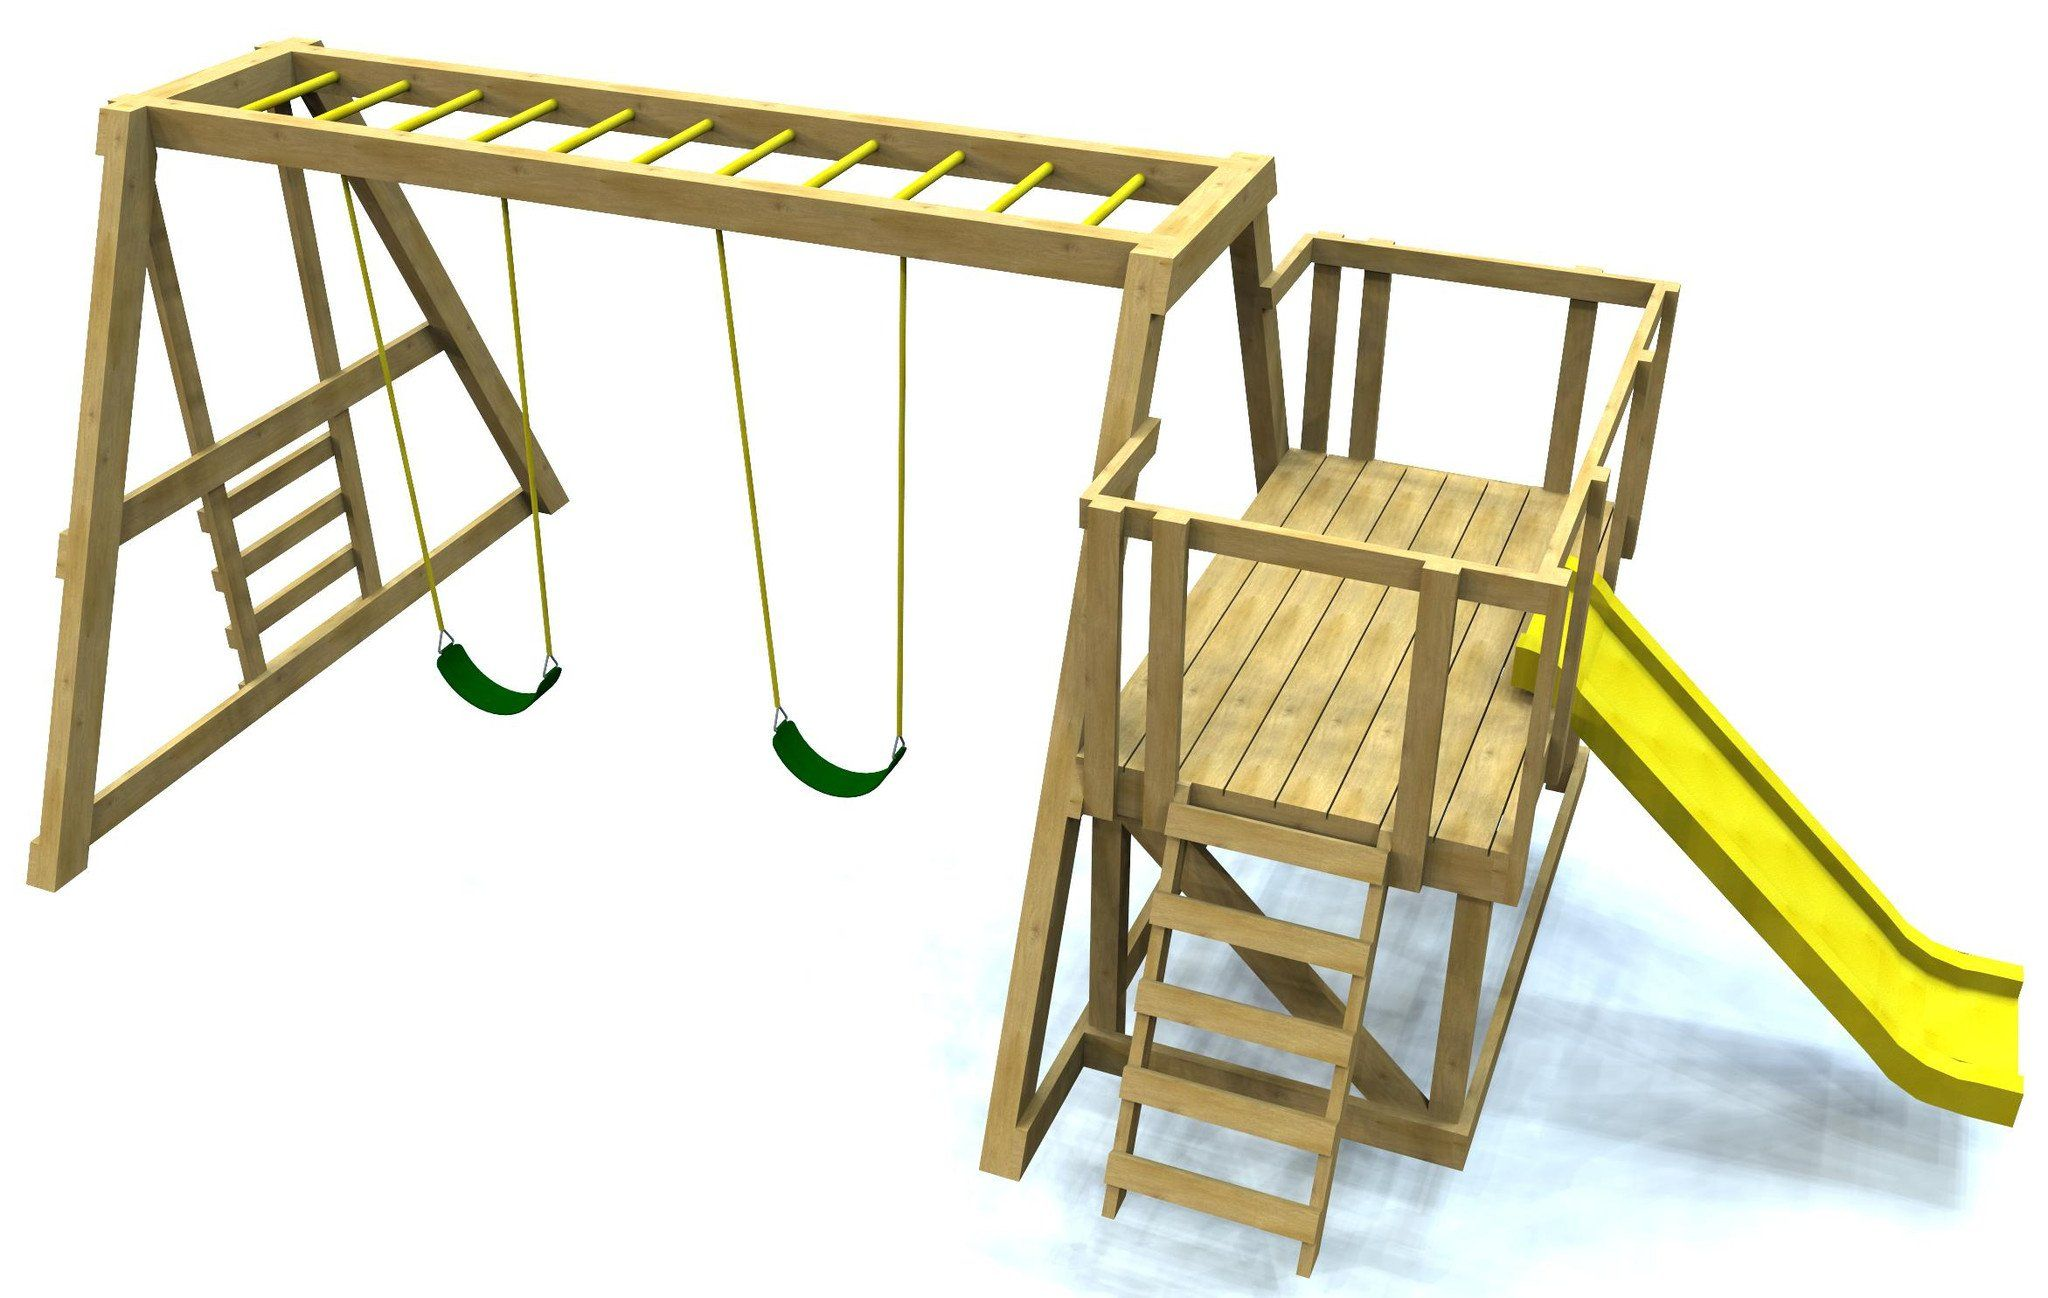 Paul's Swingset in 2020 | Wooden swing set plans, Diy ...